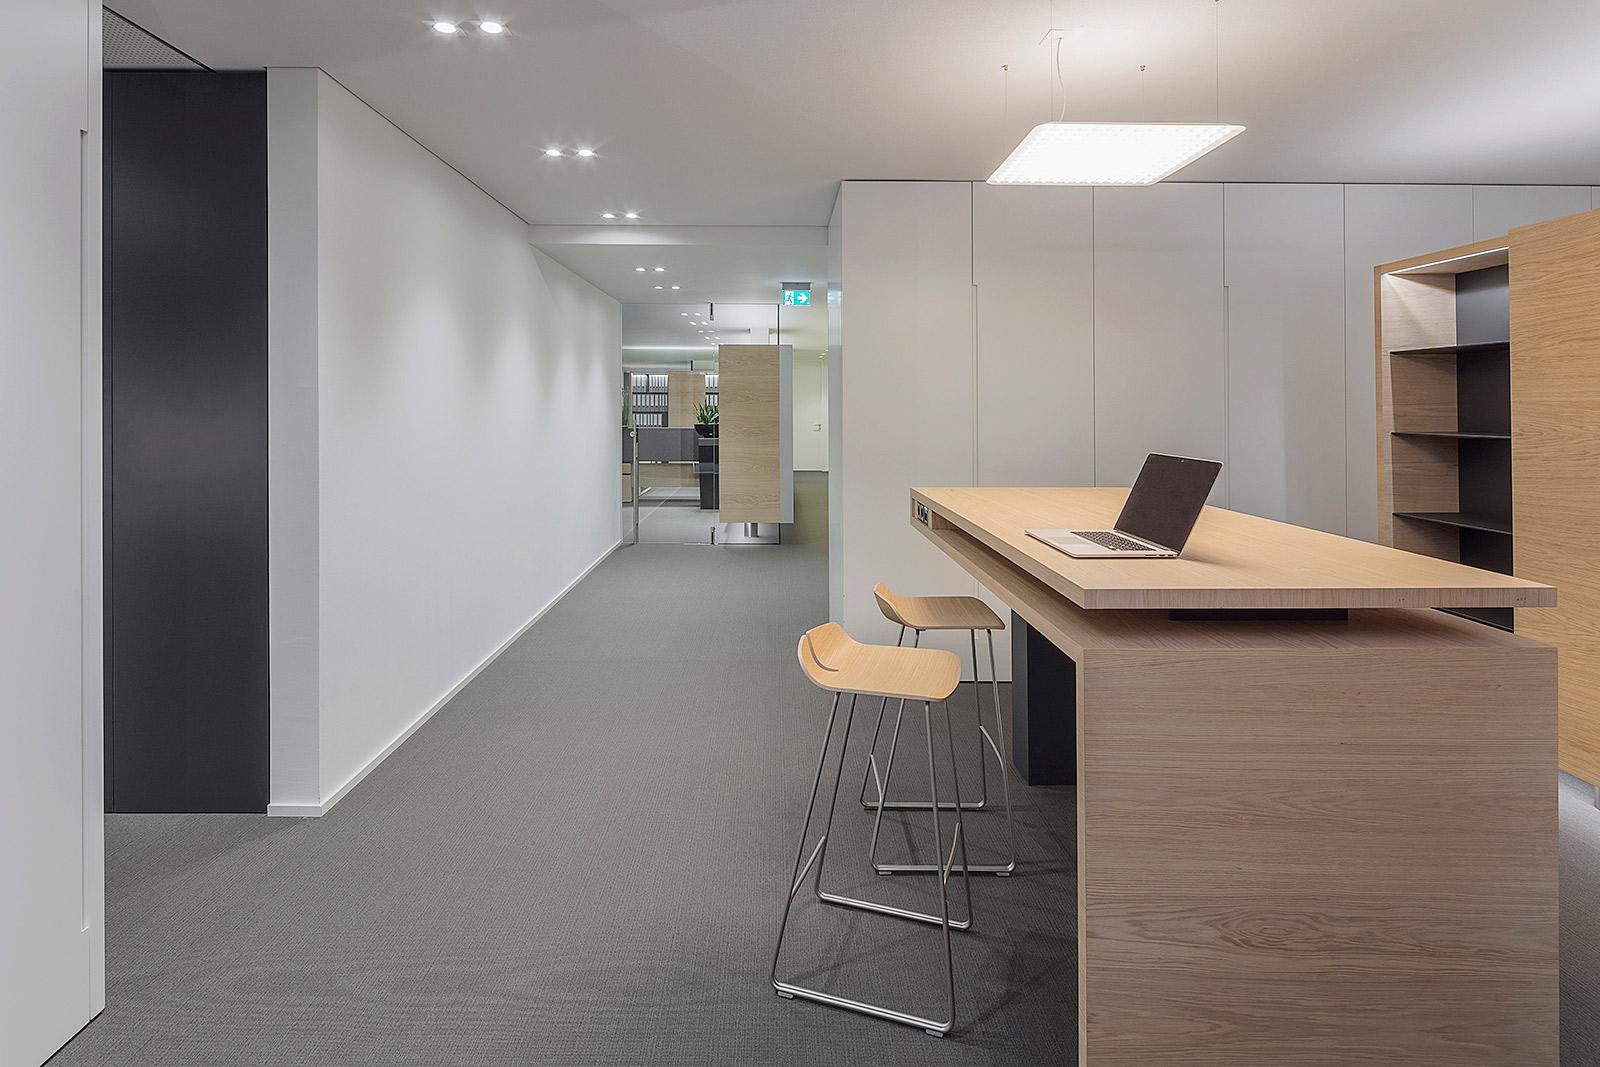 Innenarchitektur Fotos von Büroräumen und Besprechungszimmer Gabriel Buechelmeier